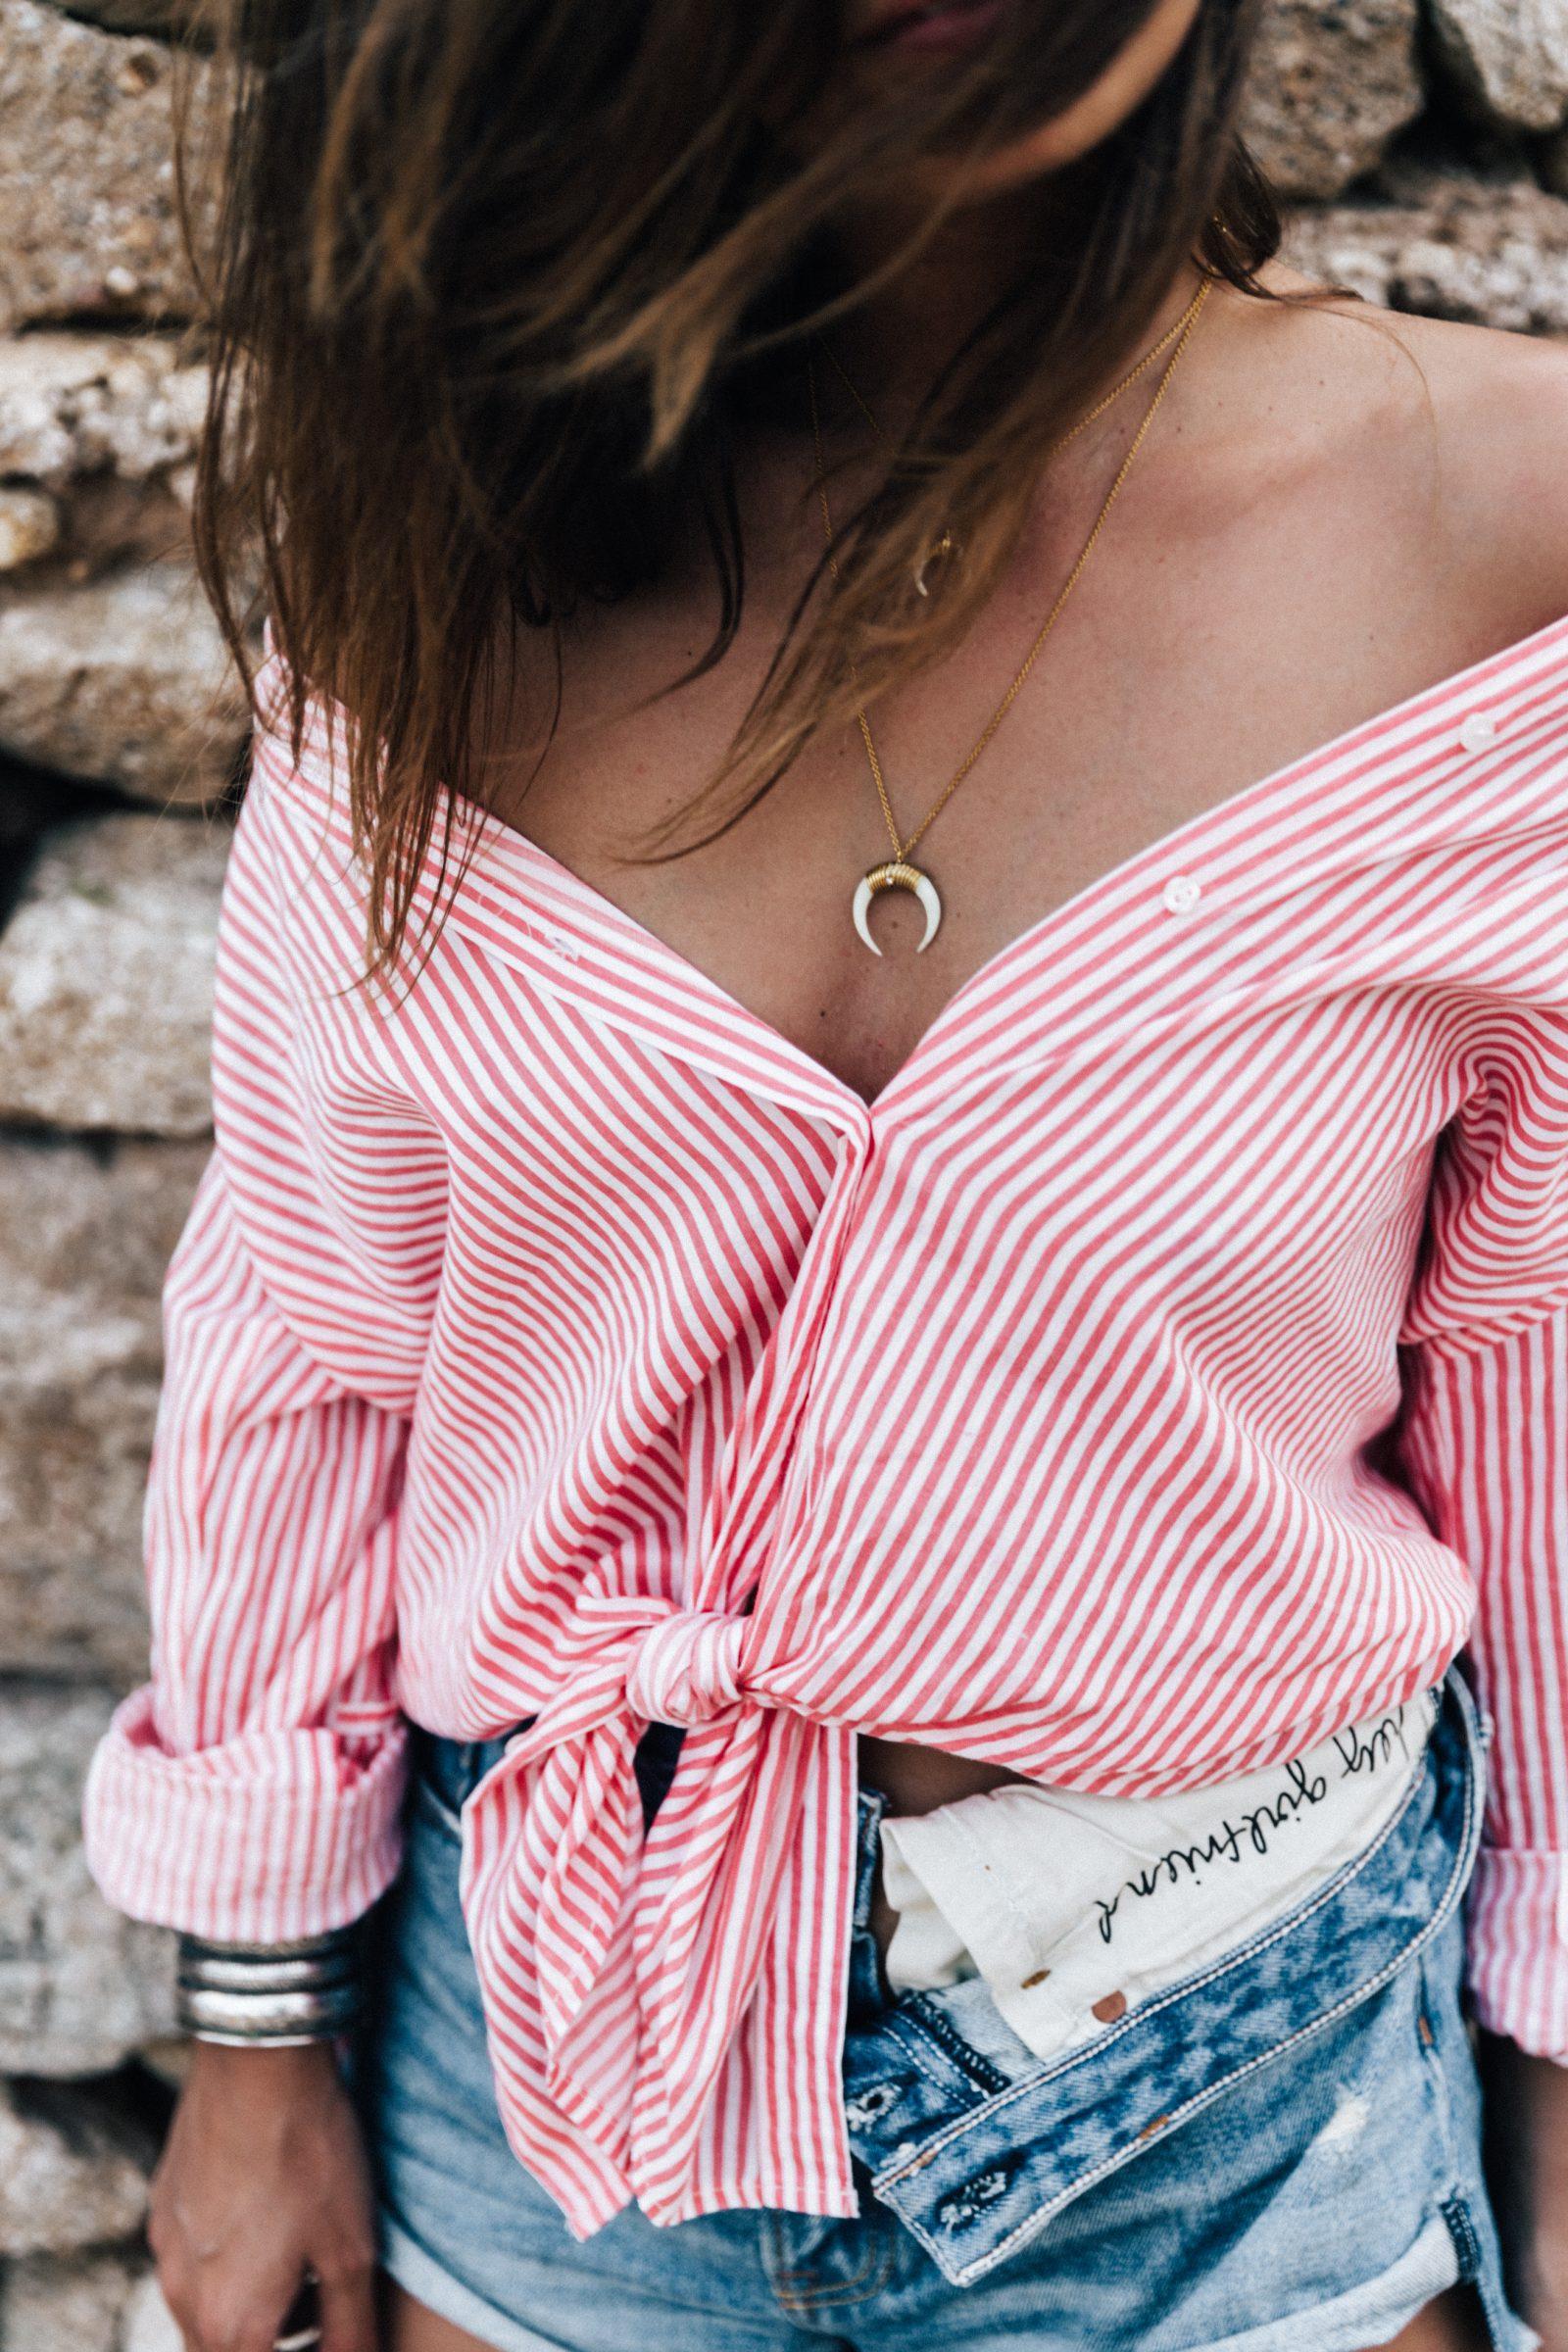 Striped_Blouse-Red_Stripes-GRLFRND_Denim-Shorts-Straw_Hat-Soludos_Espadrilles-Greece-Mykonos-Collage_Vintage-91